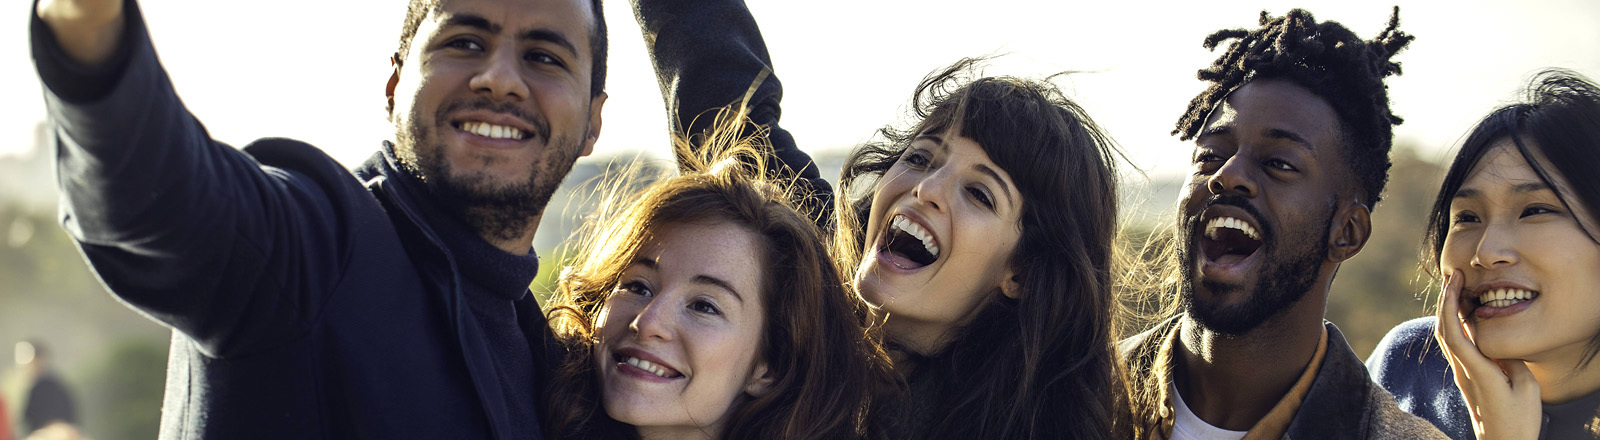 Eine Gruppe Freund macht ein Selfie von sich